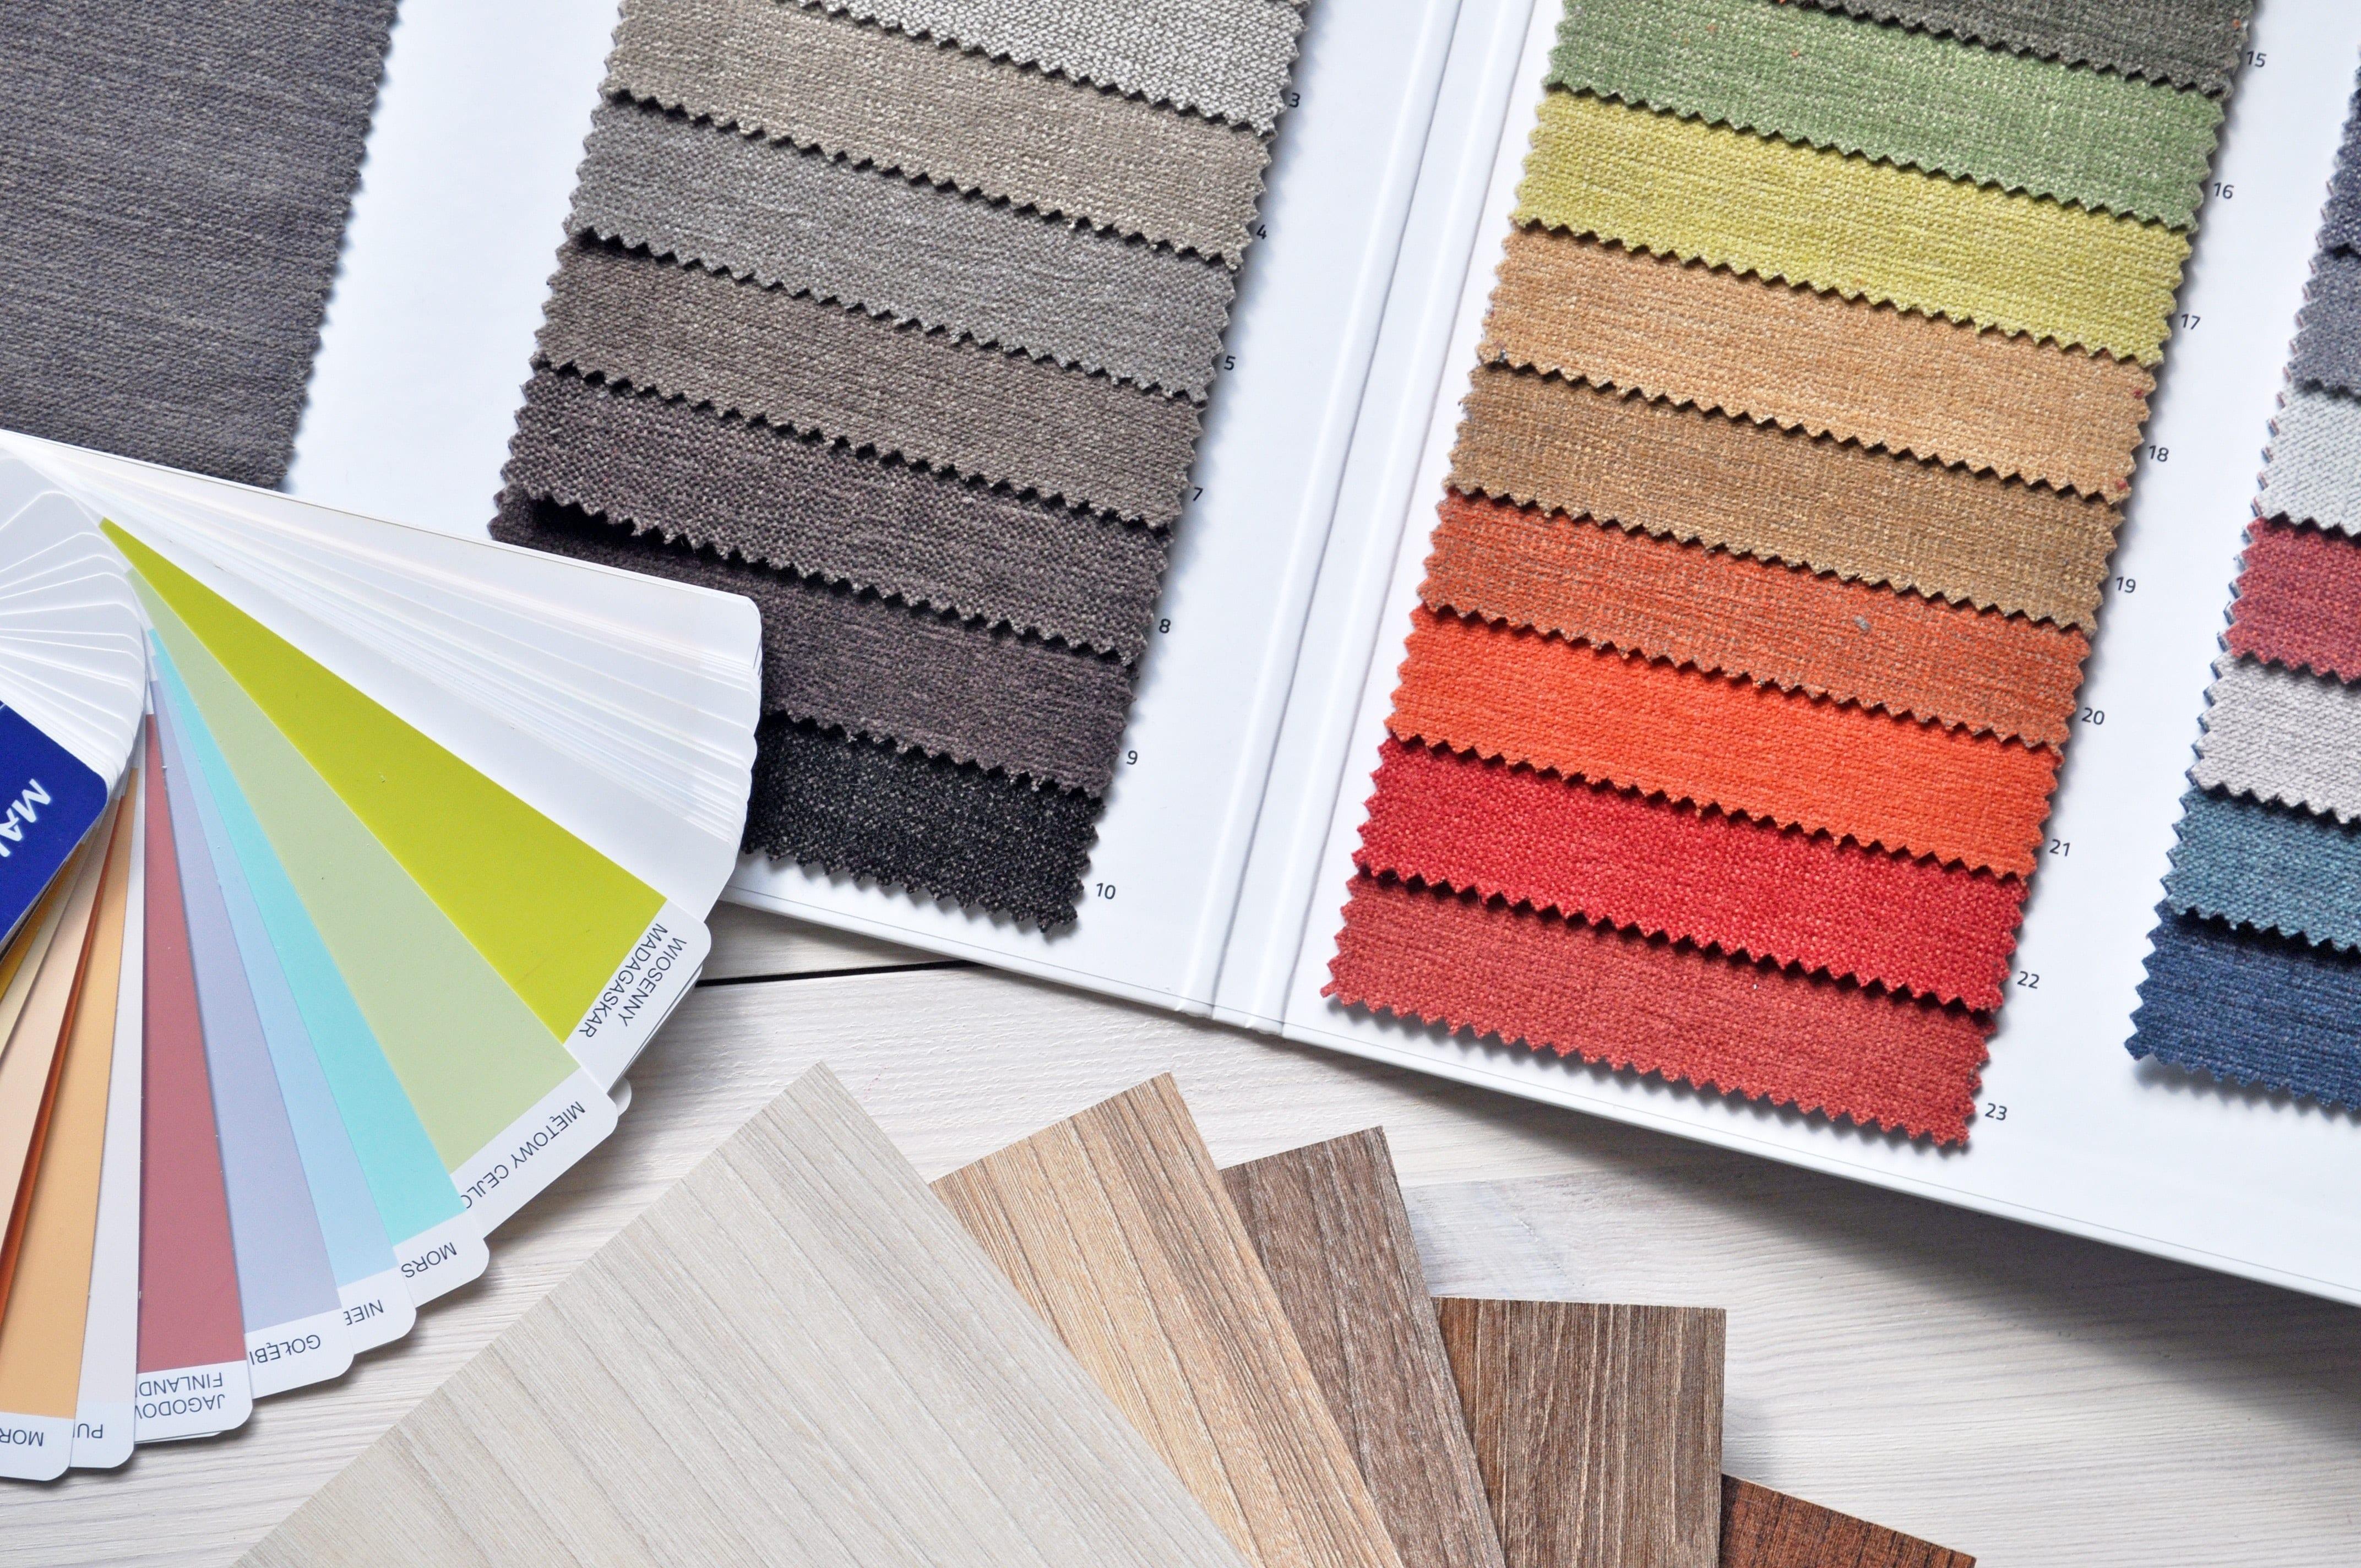 art-business-color-276267